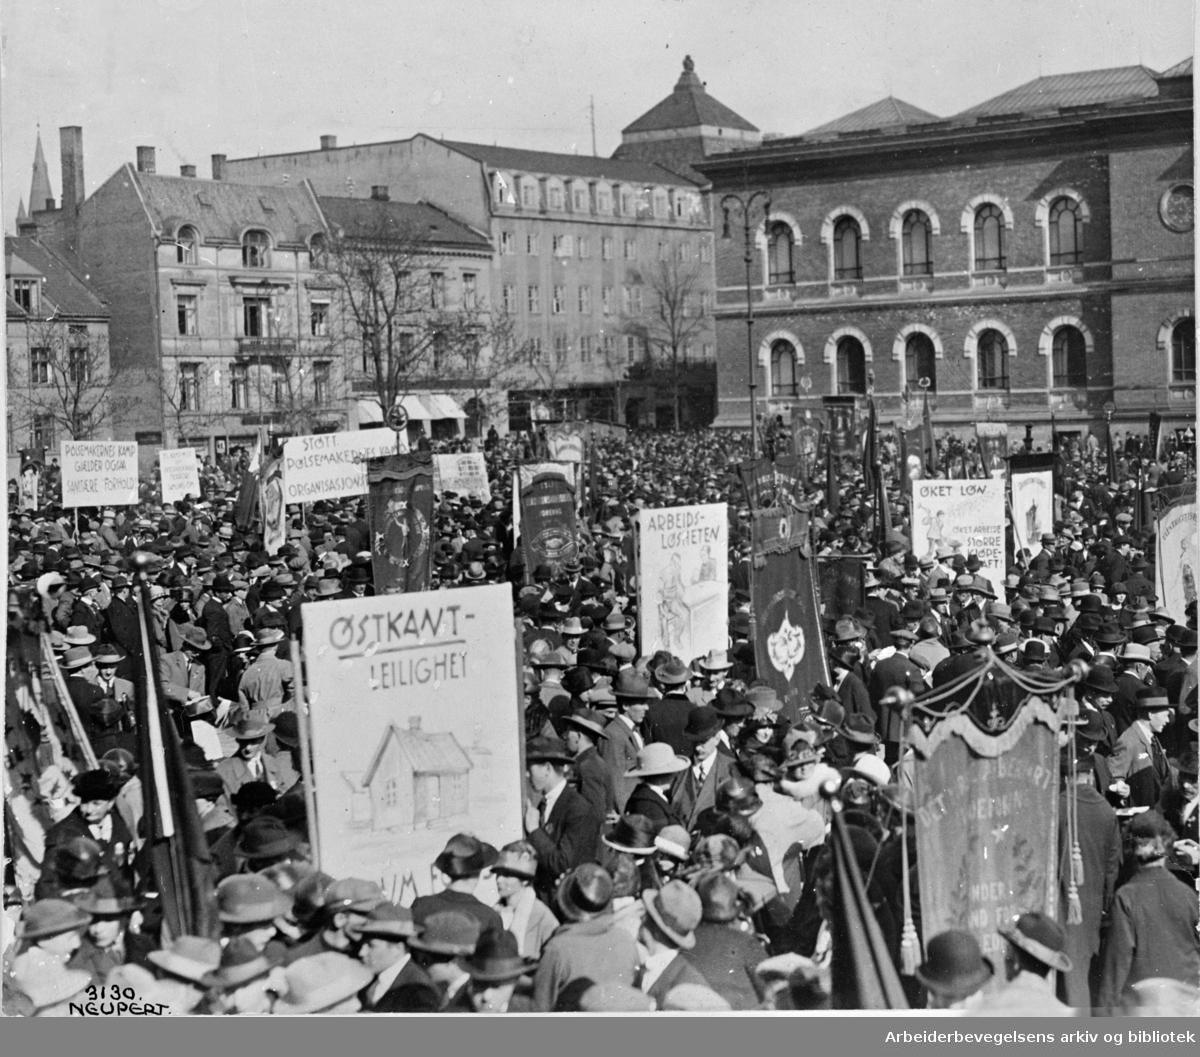 1. mai 1925 i Oslo. Samling på Tullinløkka før avmarsj. Paroler: Østkantleilighet - Arbeidsløsheten - Øket løn - Støtt pølsemakernes kamporganisasjon - m.fl.